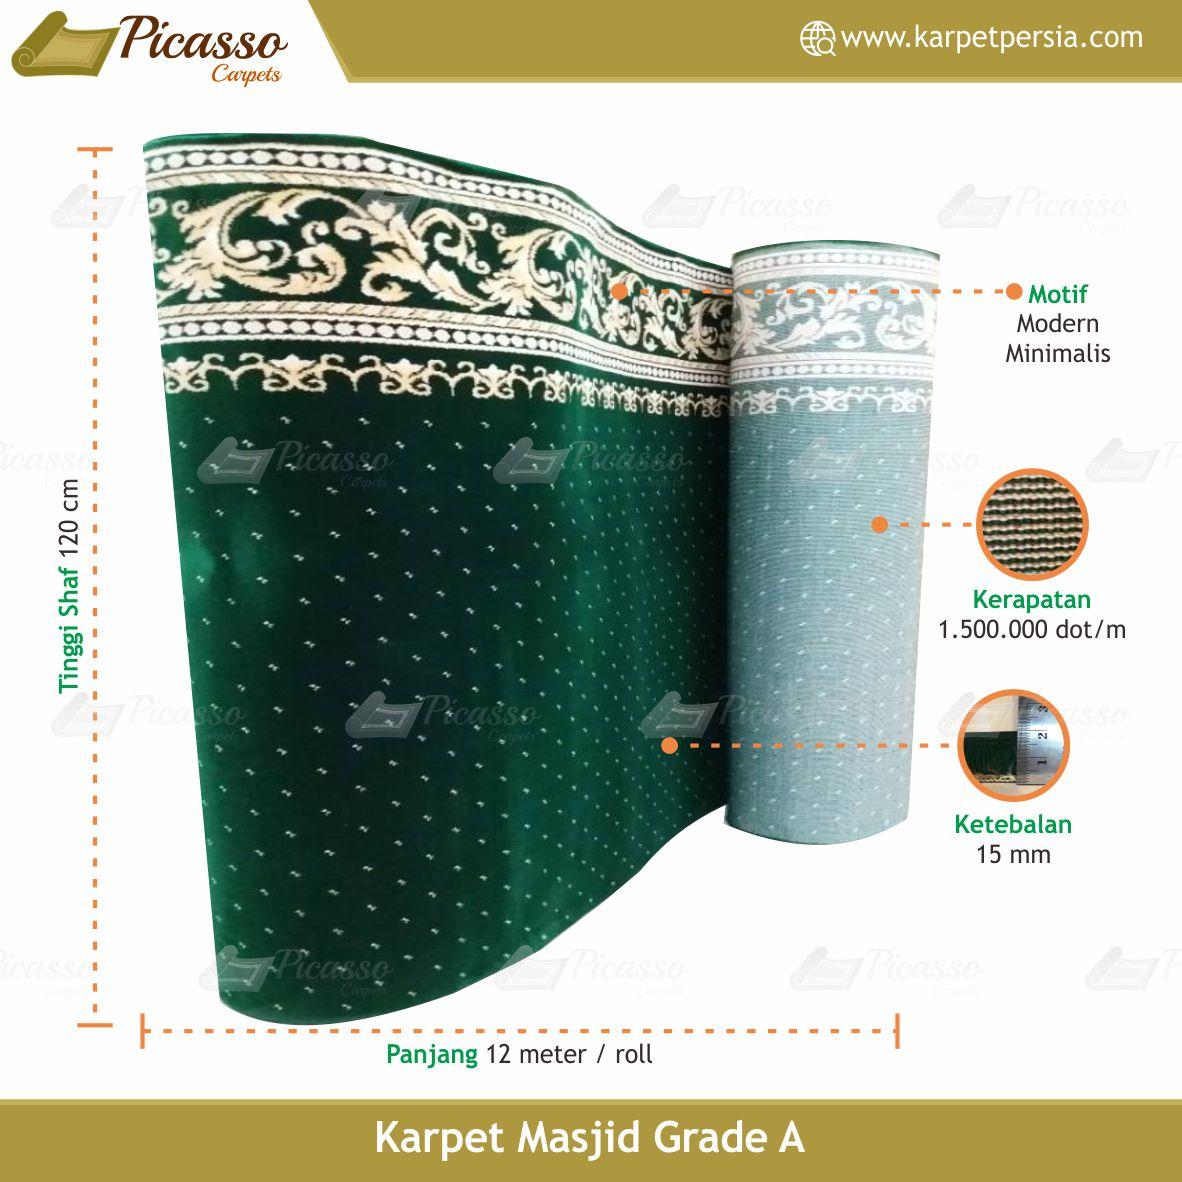 karpet masjid hijau bintik